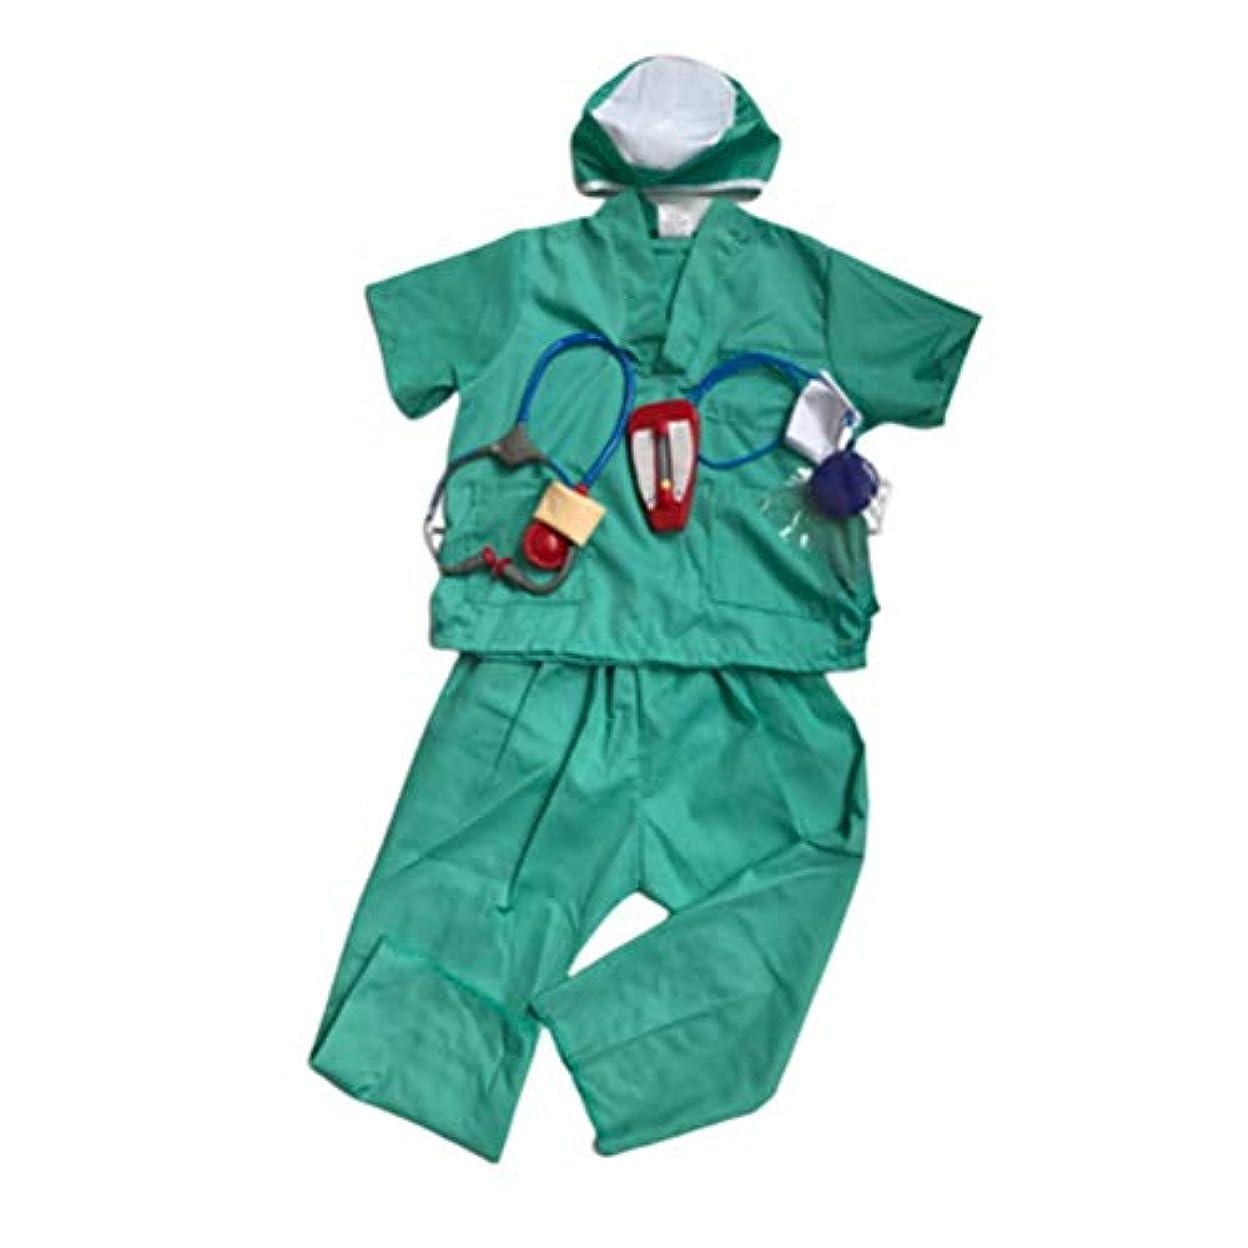 燃やす名誉ある理想的にはAmosfunドクターユニフォーム子供のための子供手術ガウンコスプレ衣装ロールプレイ衣装ハロウィン仮装パーティー